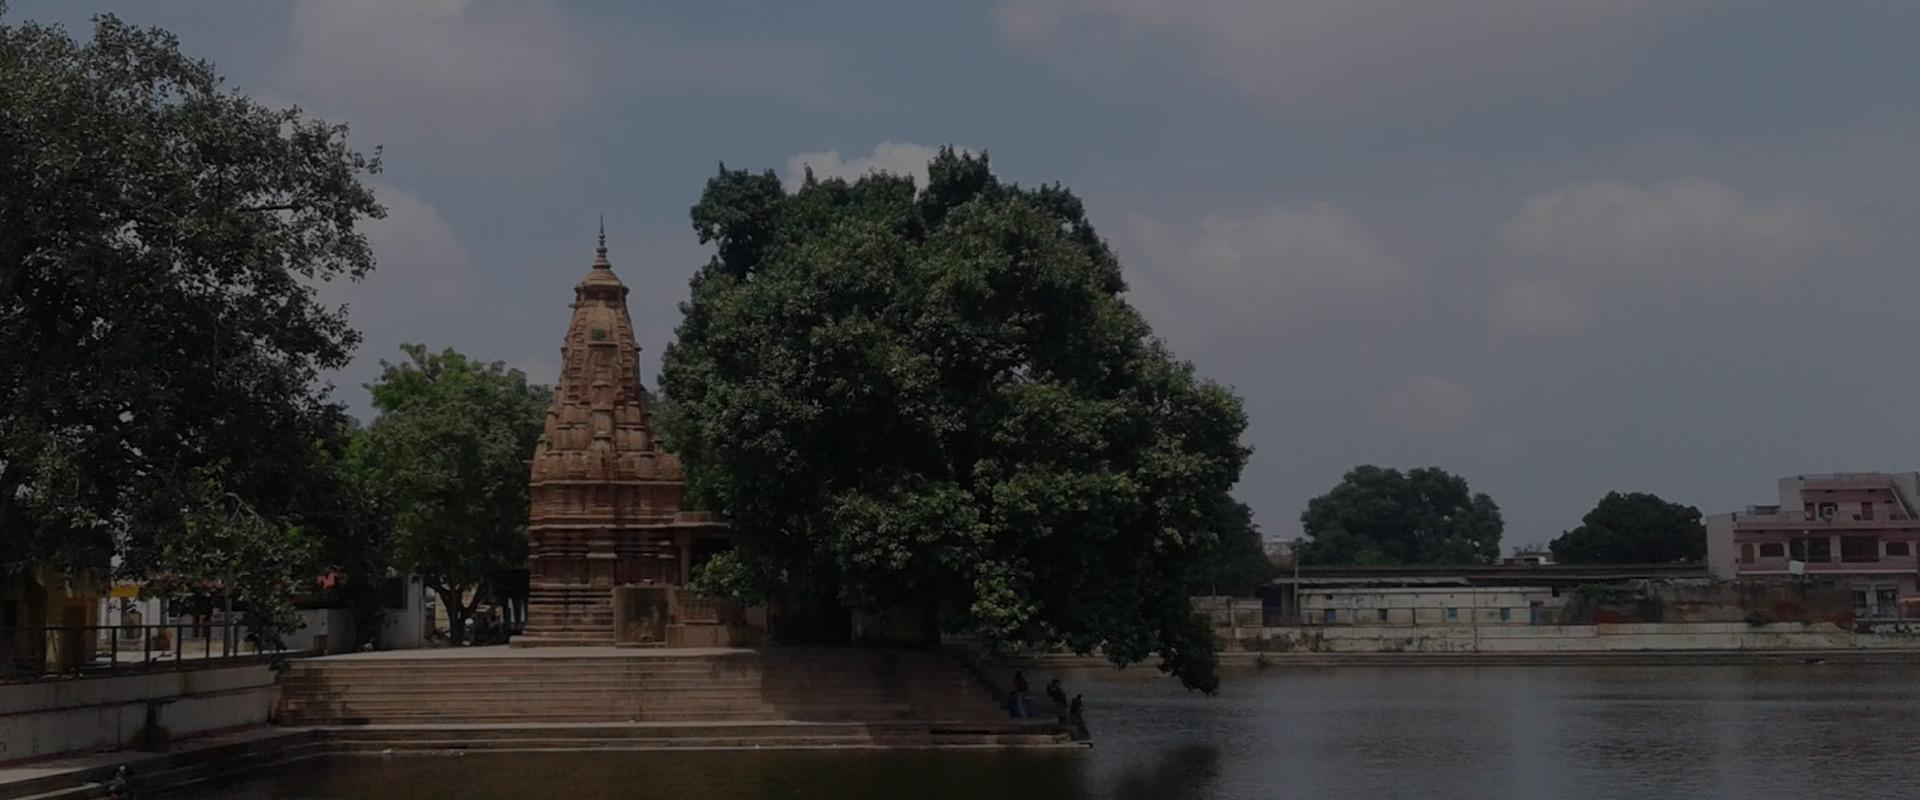 Panchkoshi Yatra - Indoverse, Varanasi